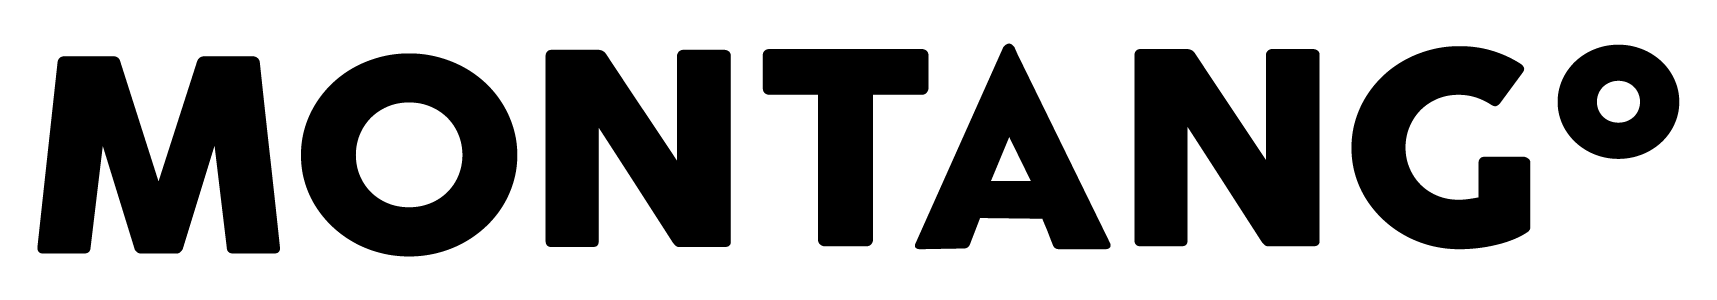 Montango